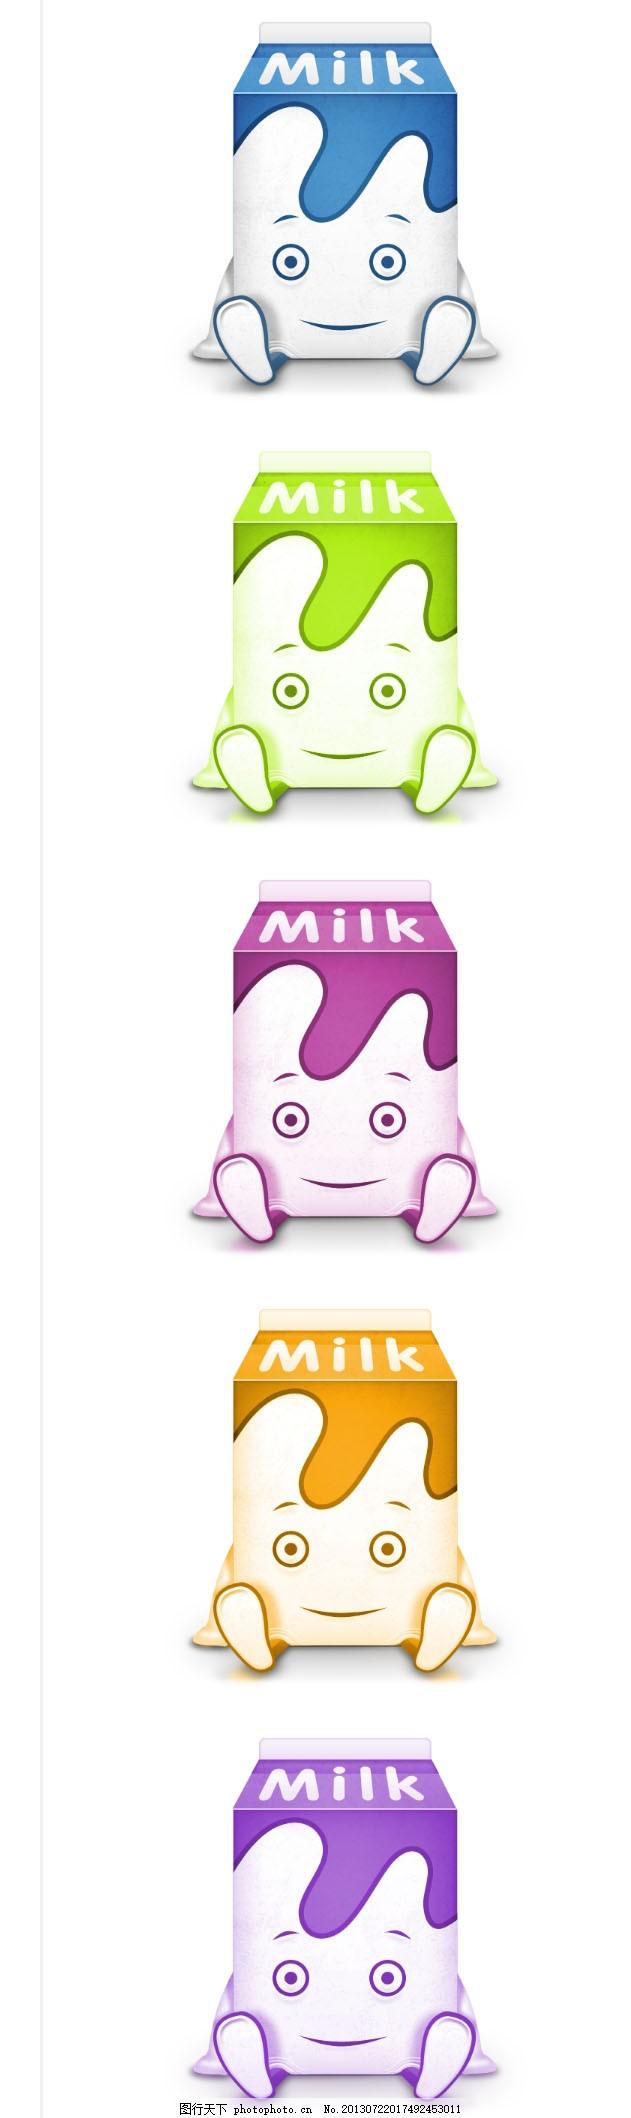 卡通牛奶盒子图片